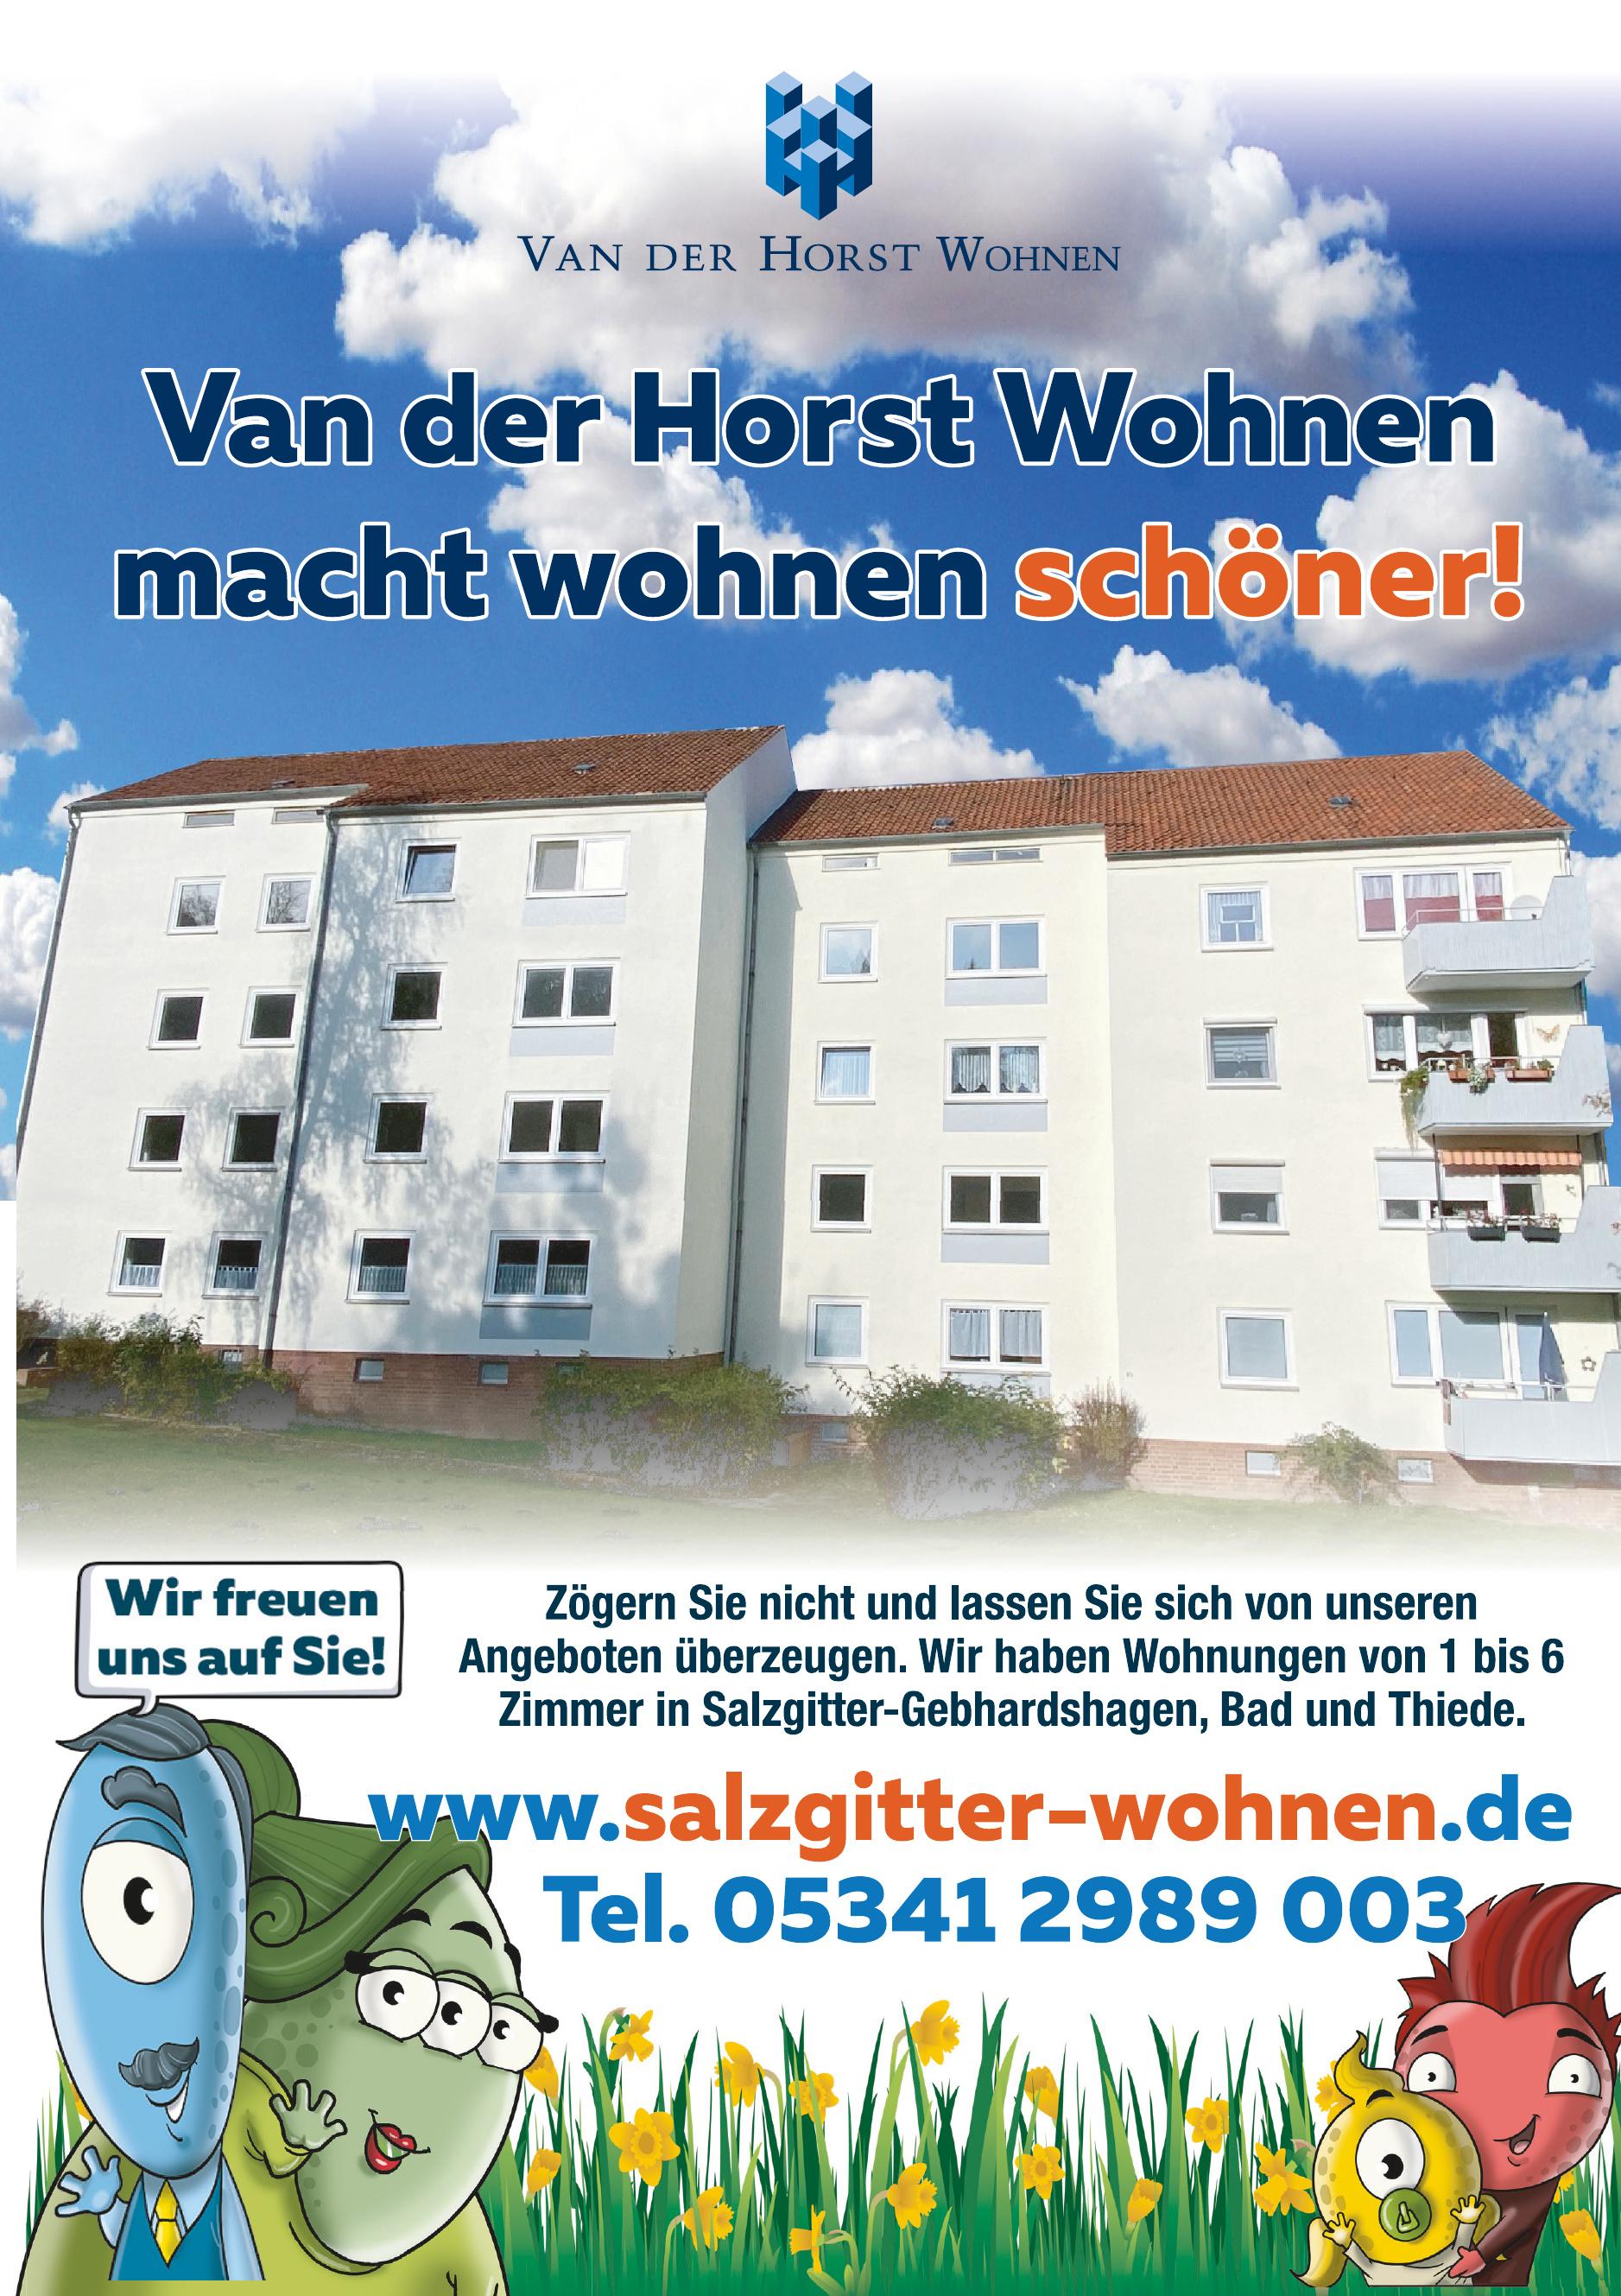 Van der Horst Wohnen